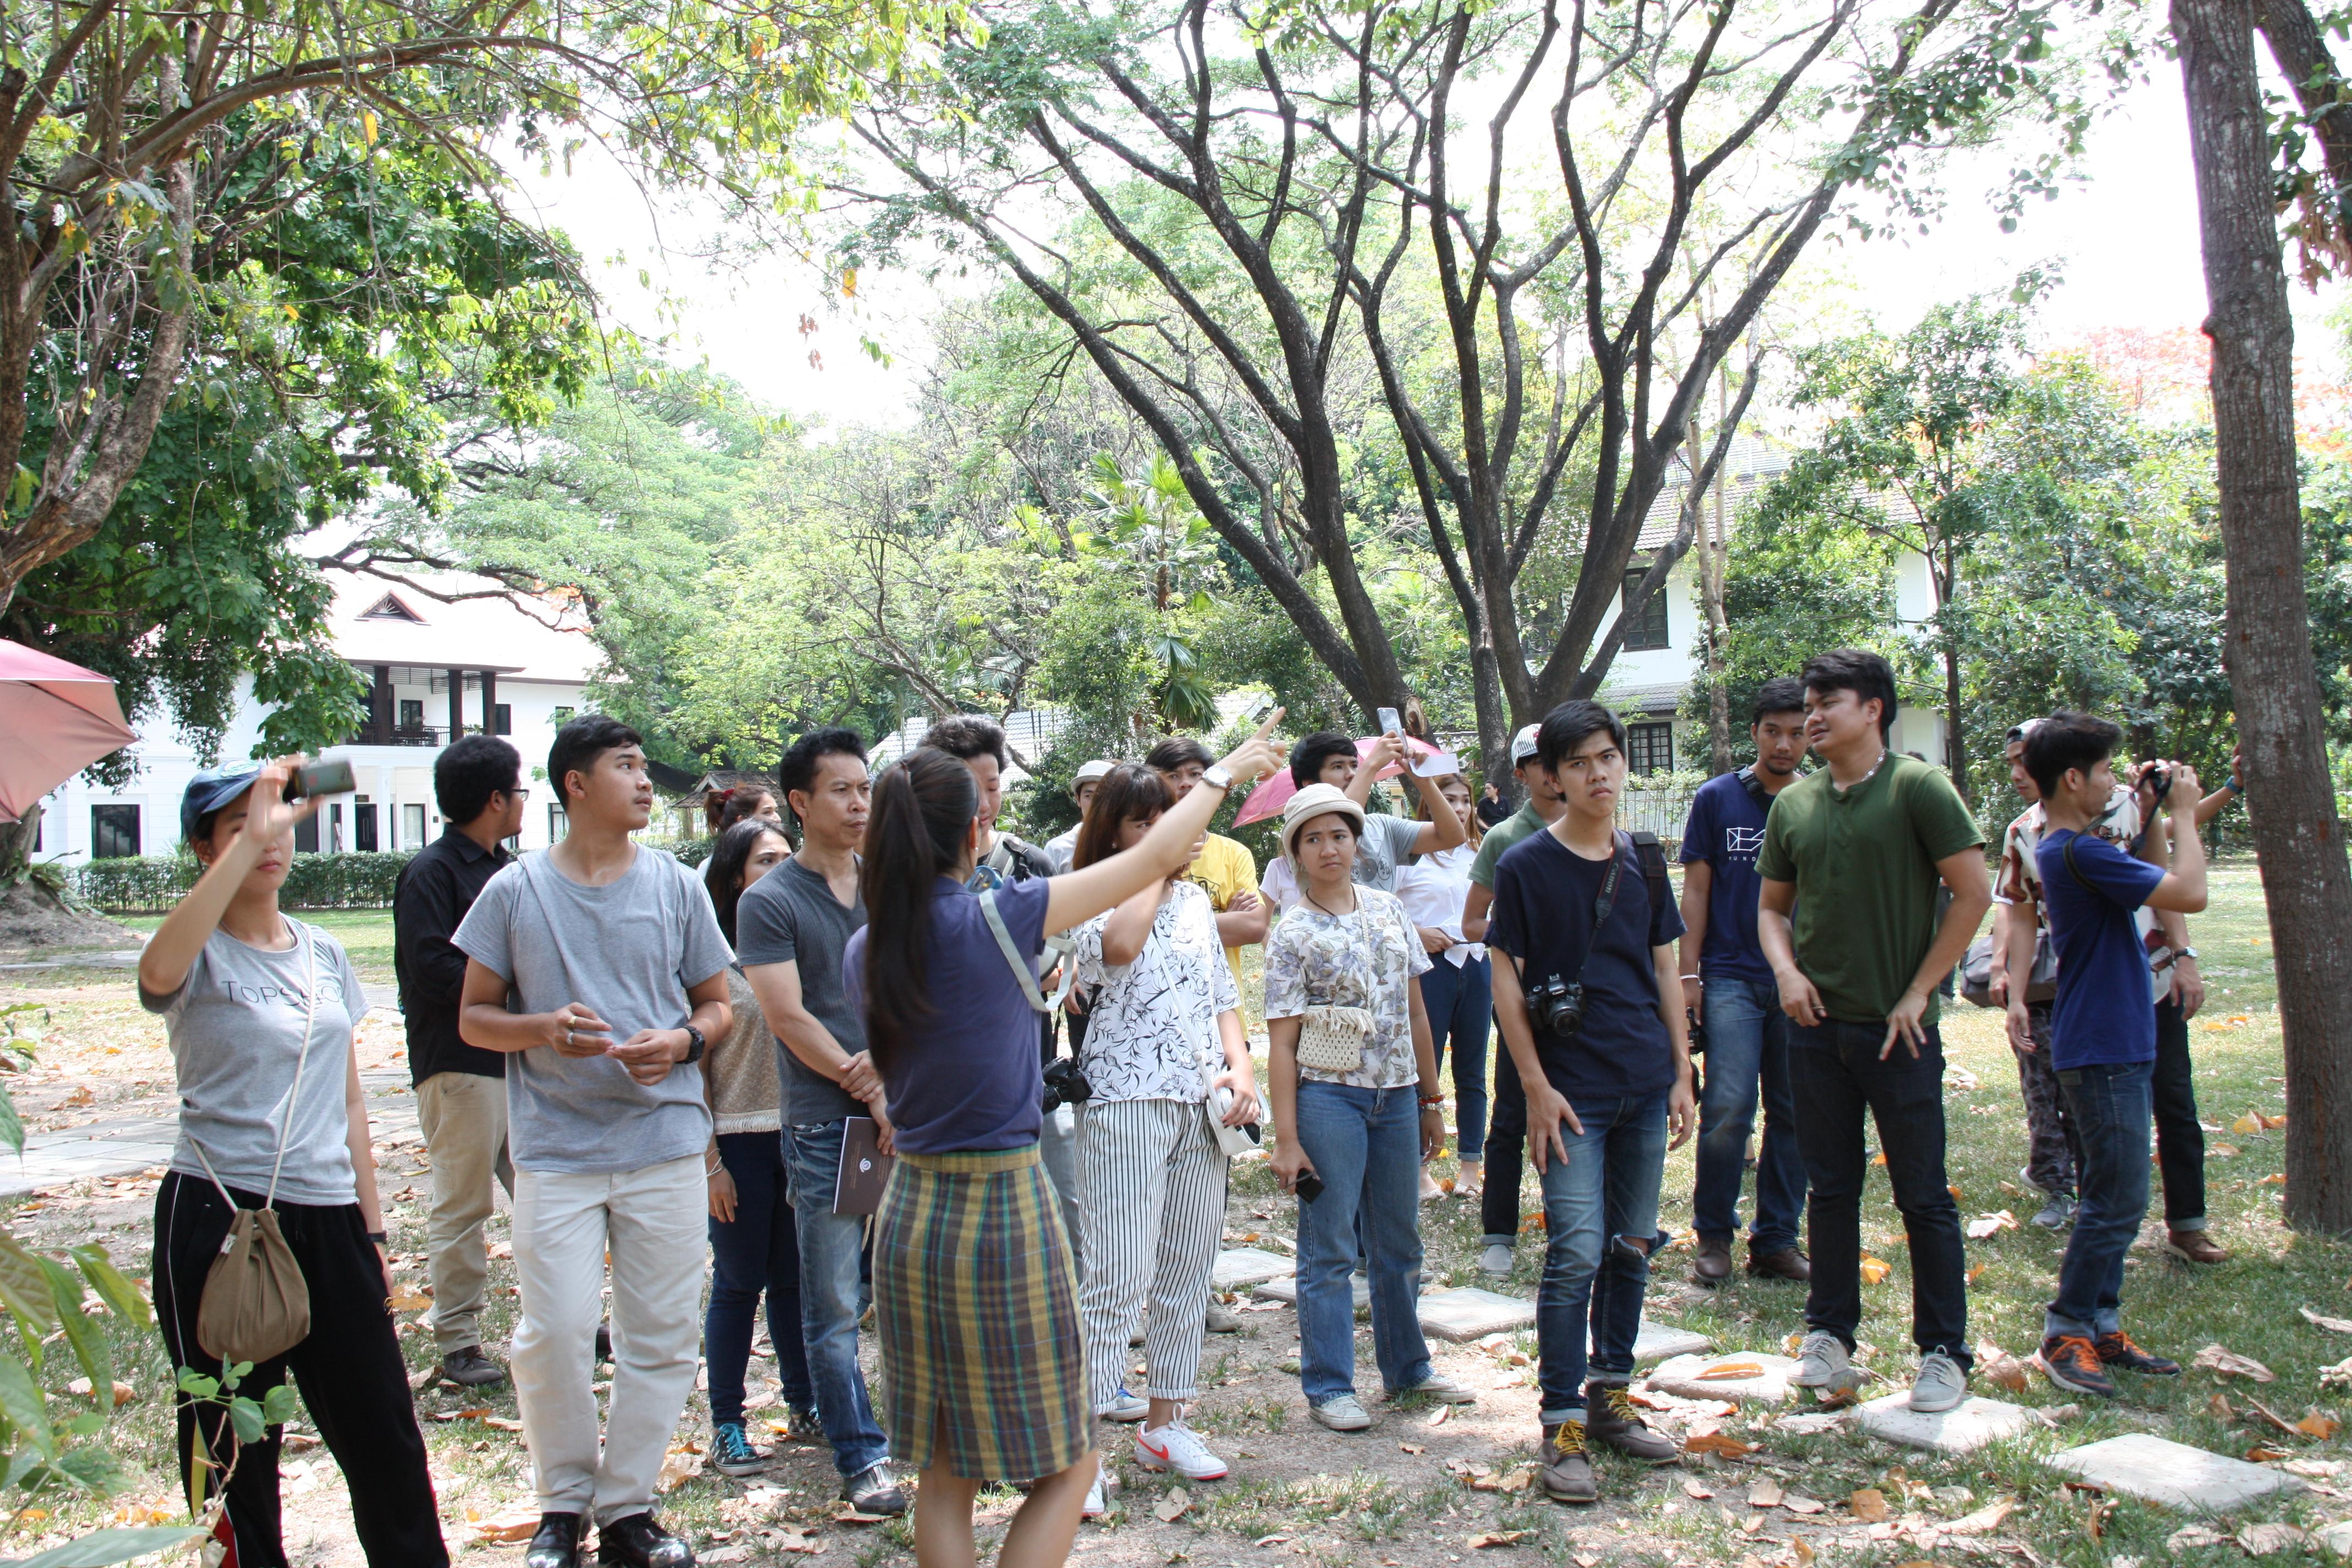 ให้การต้อนรับคณาจารย์และนักศึกษาคณะสถาปัตยกรรมศาสตร์ มหาวิทยาลัยเทคโนโลยีราชมงคลธัญบุรี